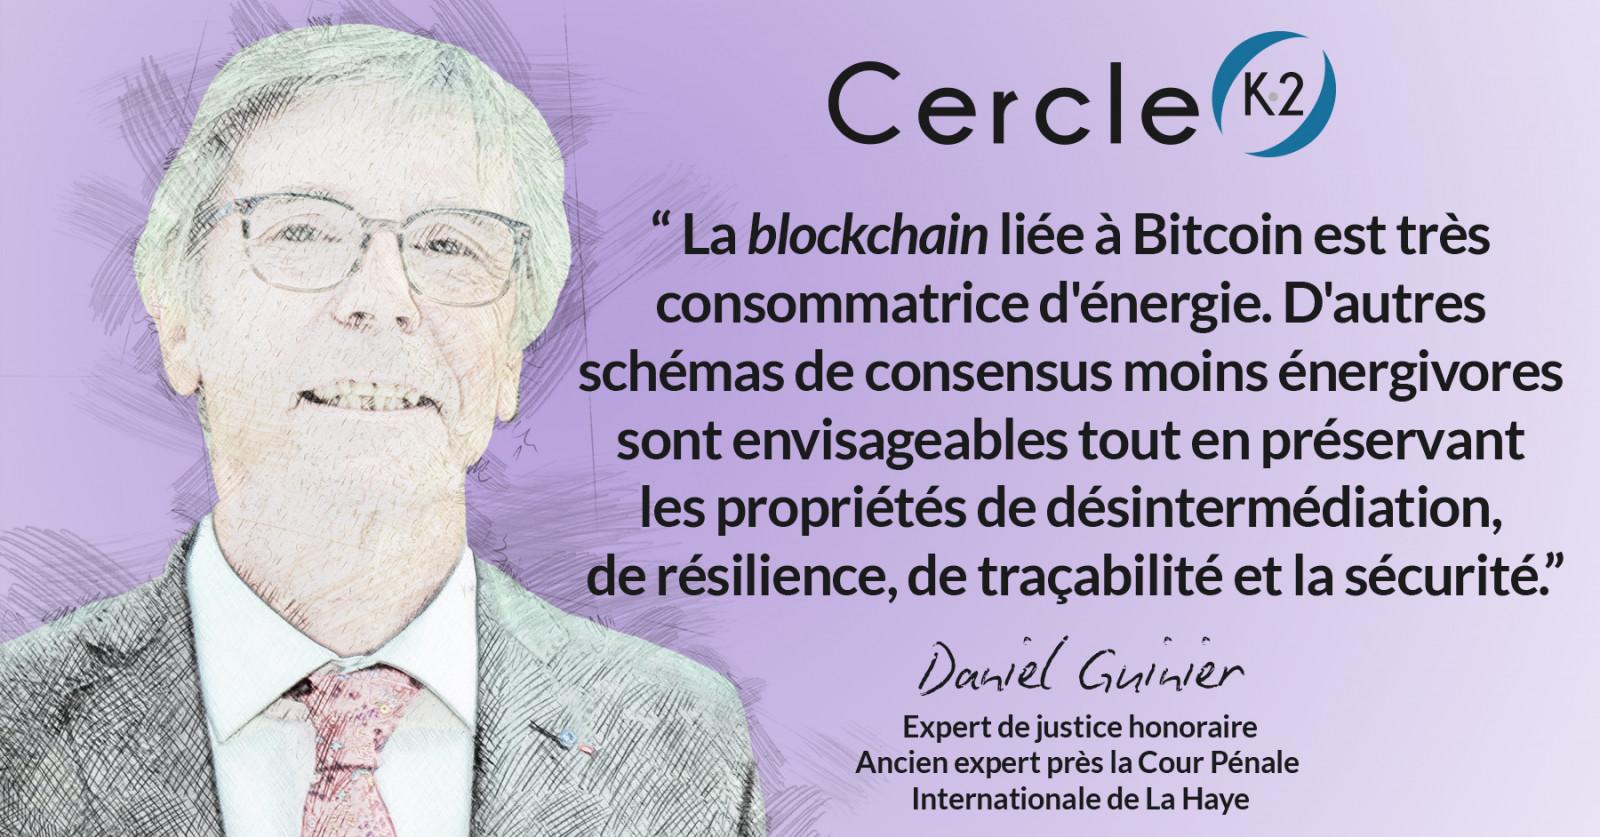 Quand la blockchain consomme plus d'énergie que certains pays... - Cercle K2